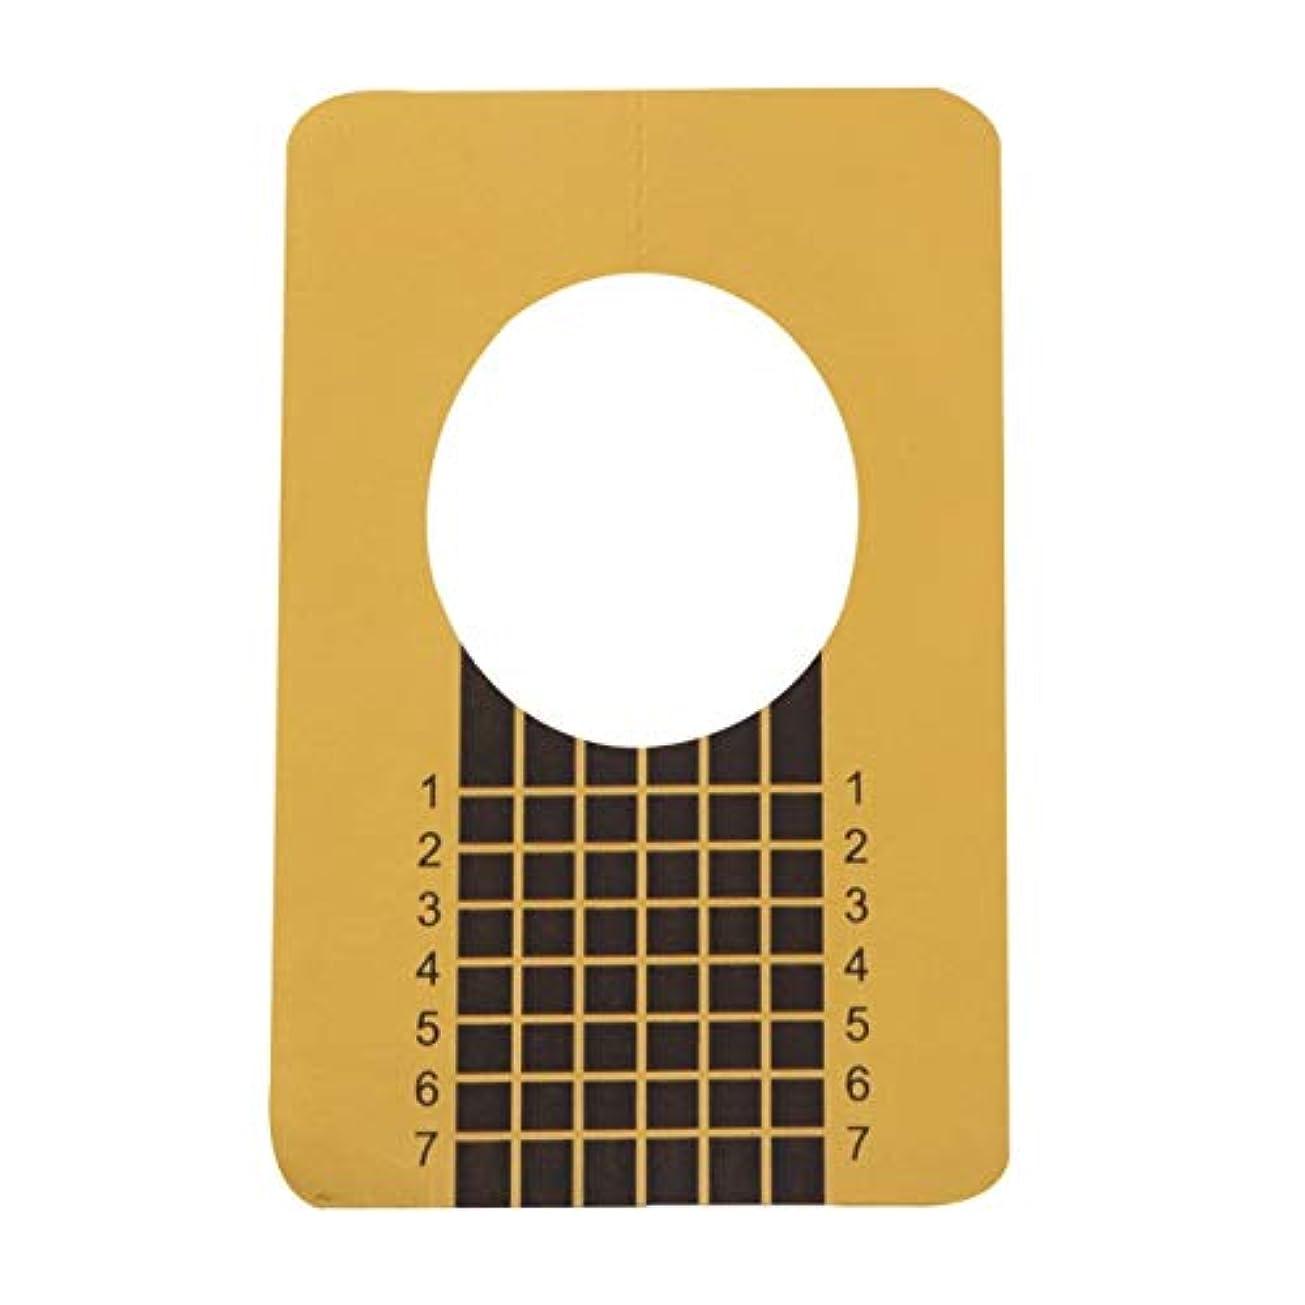 制限する膜描写100ピース/セットプロフェッショナルネイルツールのヒントネイルアートガイドフォームアクリルチップジェルエクステンションステッカーネイルポリッシュカールフォームゴールド(色:金色)